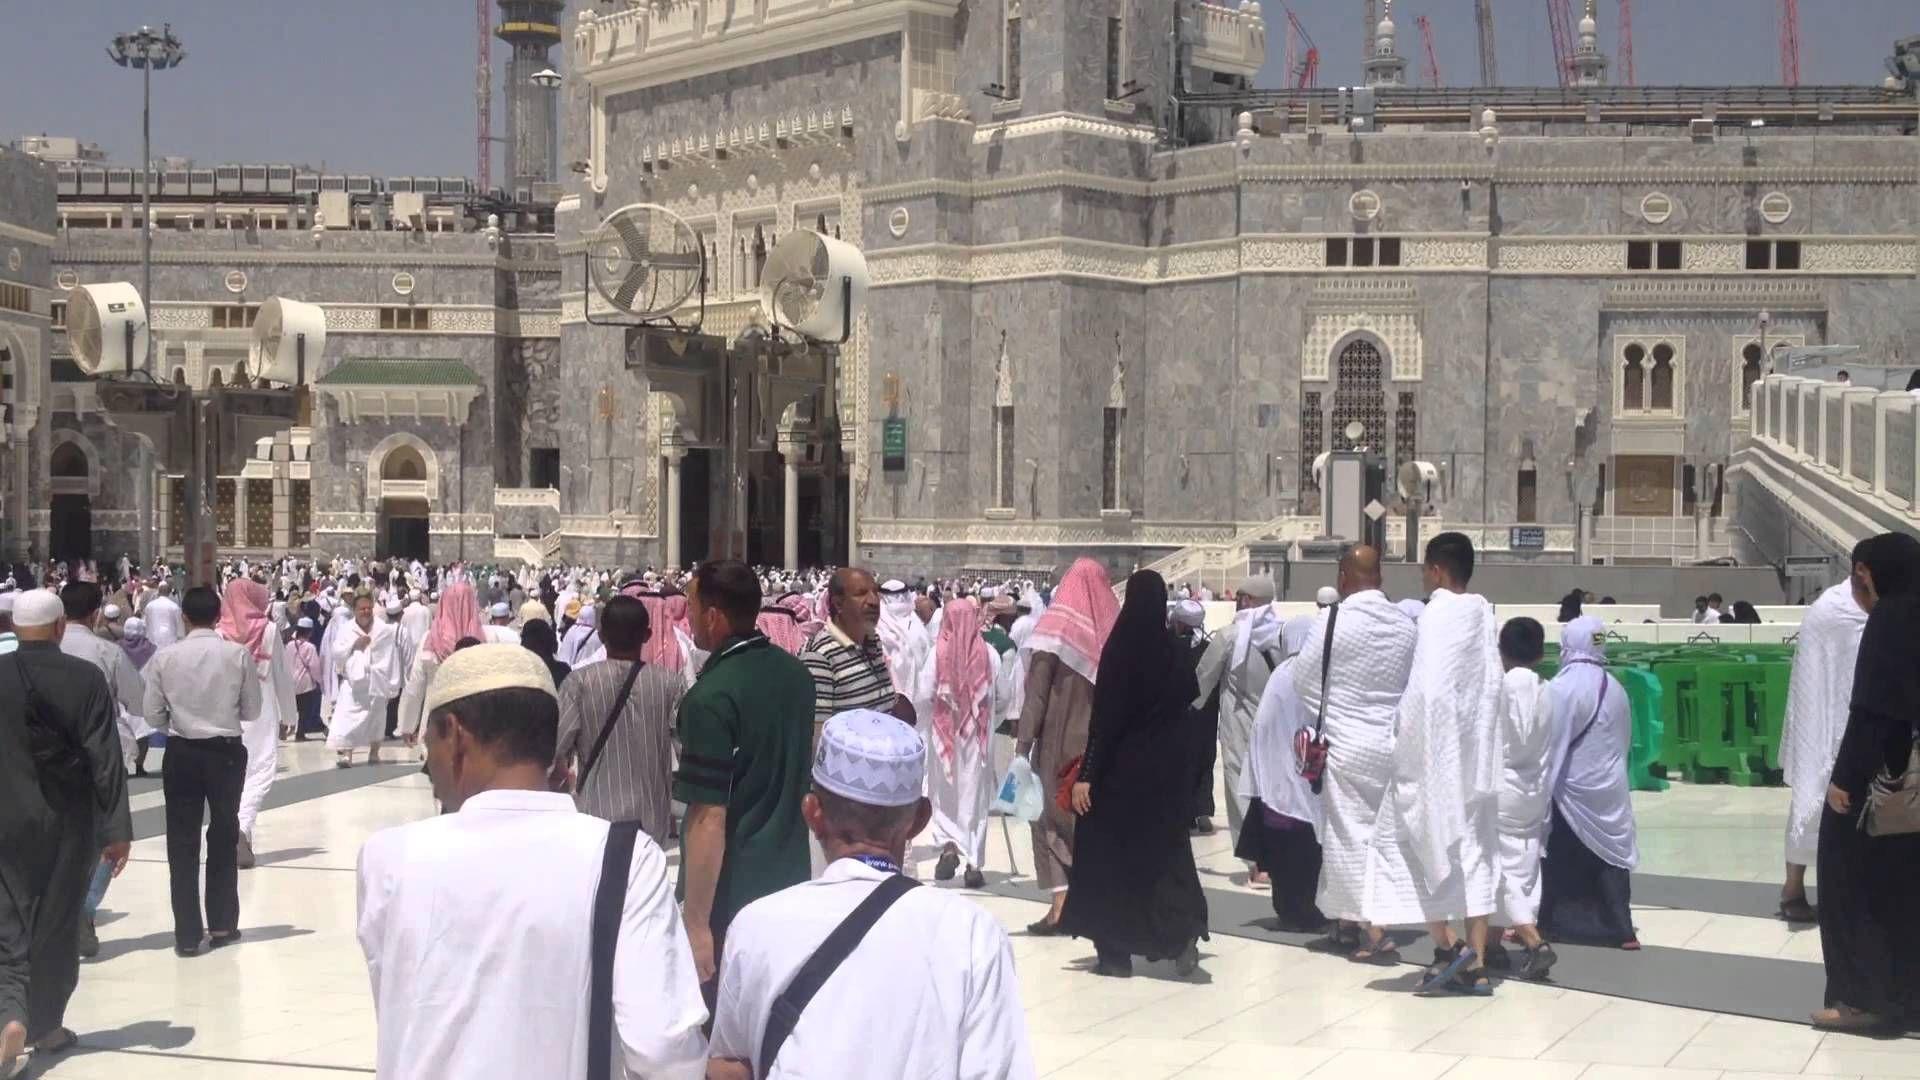 Jenazah Untuk Di Sembahyangkan Masjid Al Haram Makkah Pemakaman